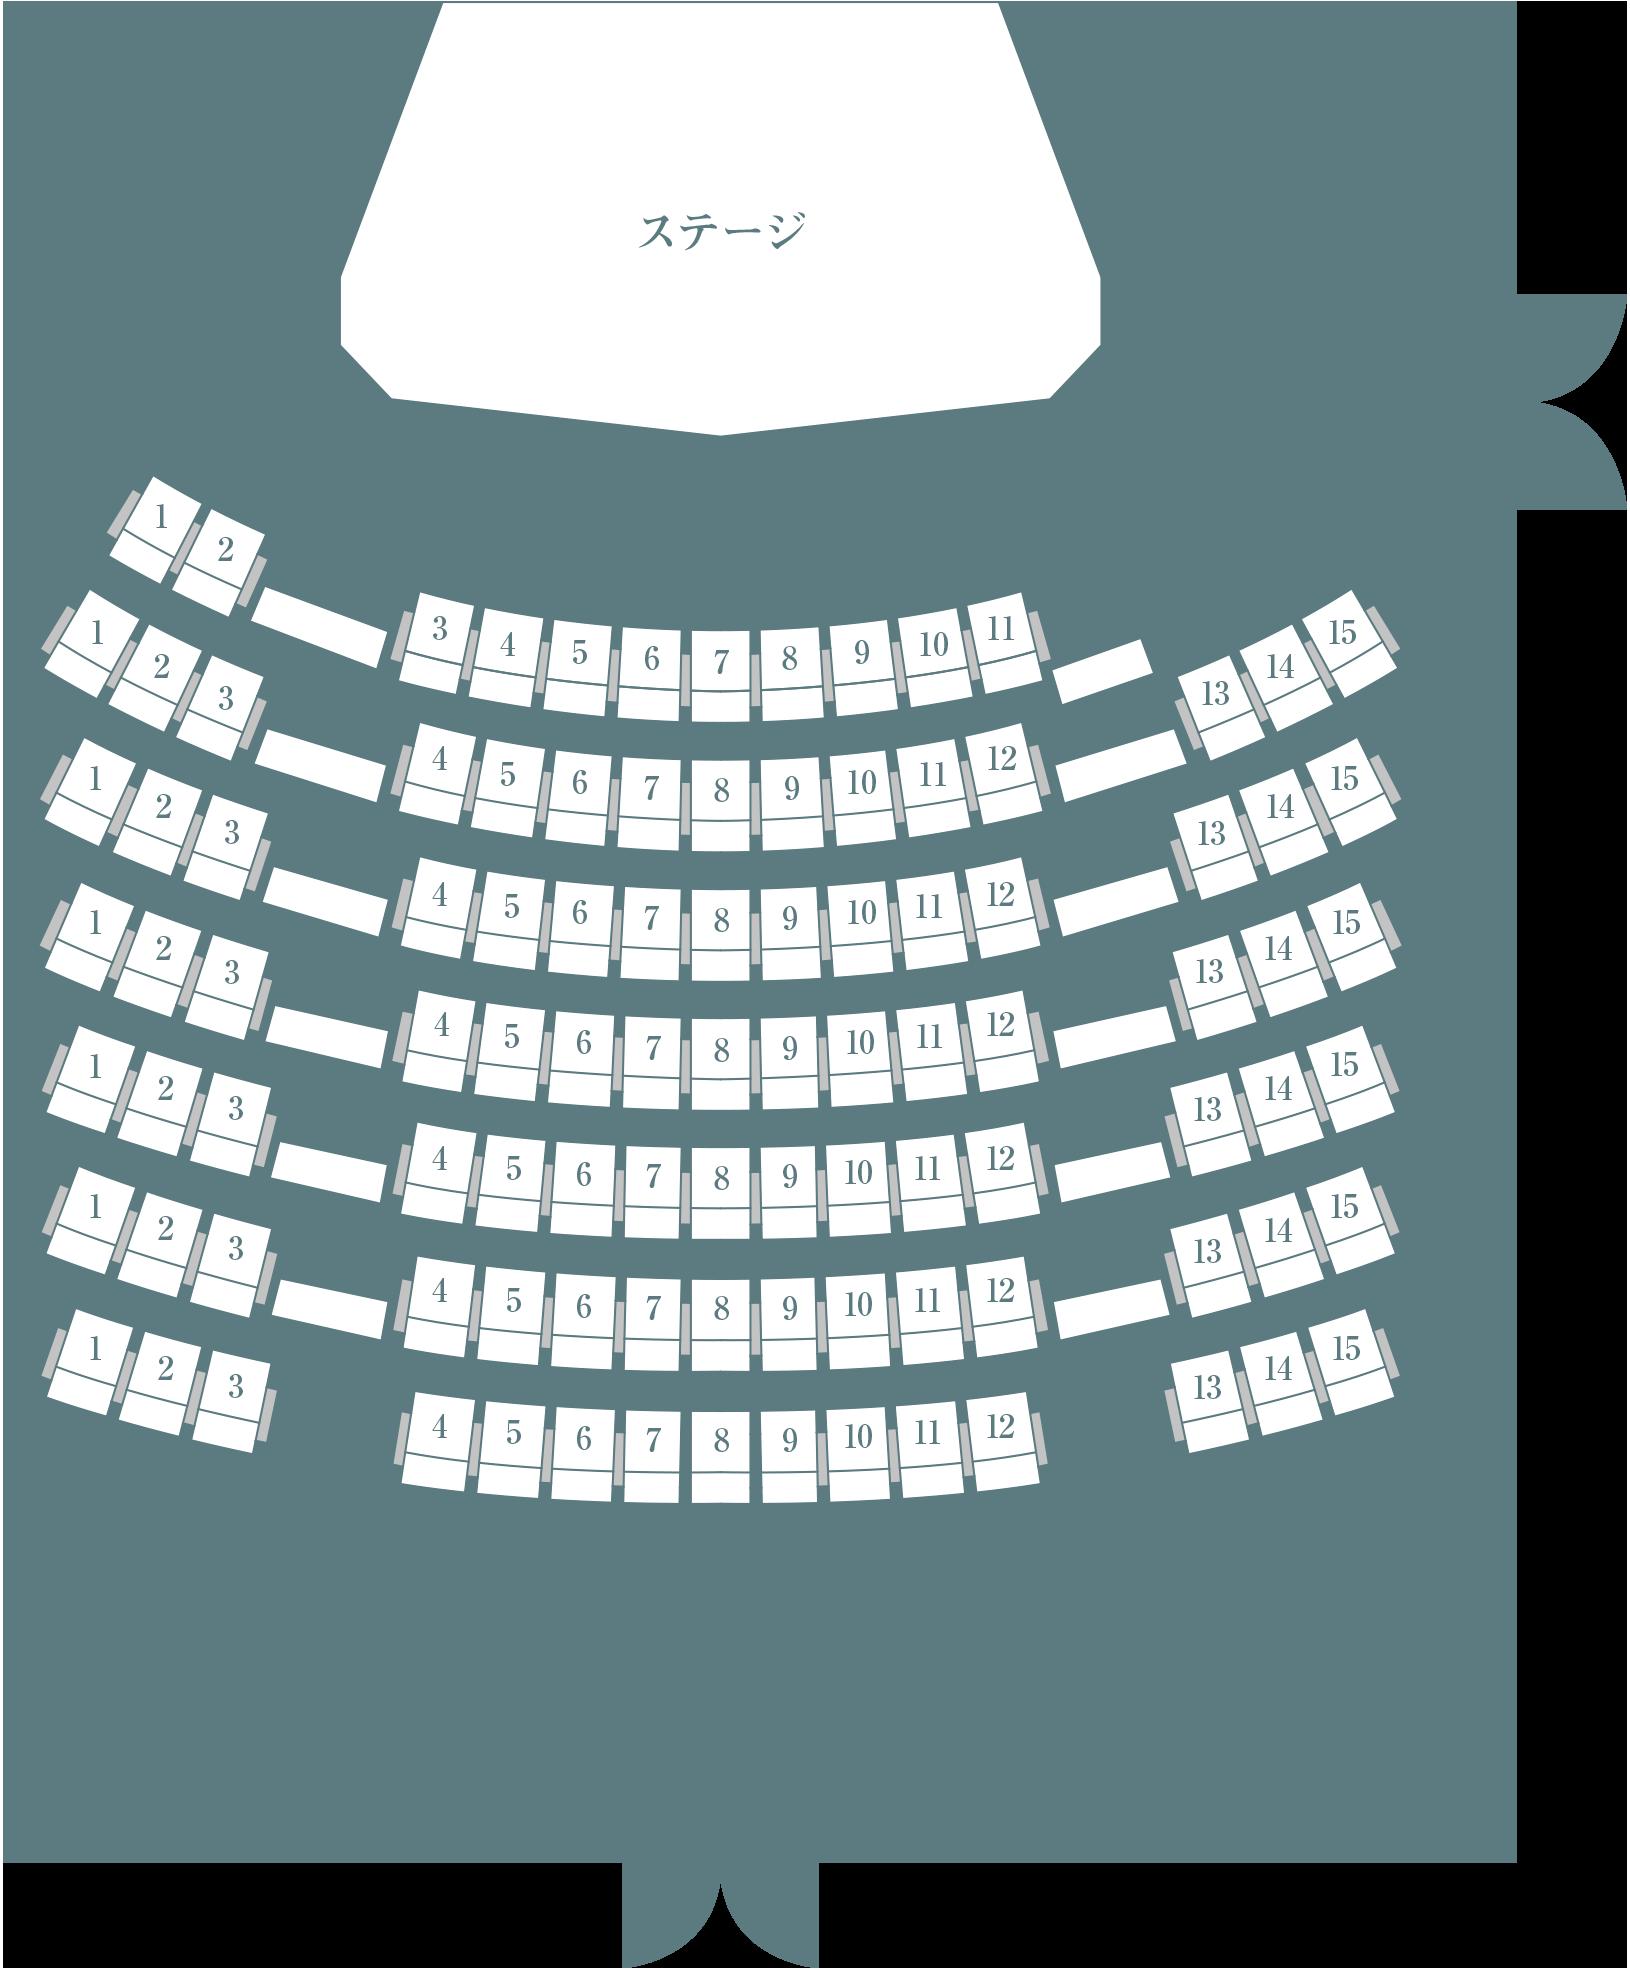 マルタケホール座席表